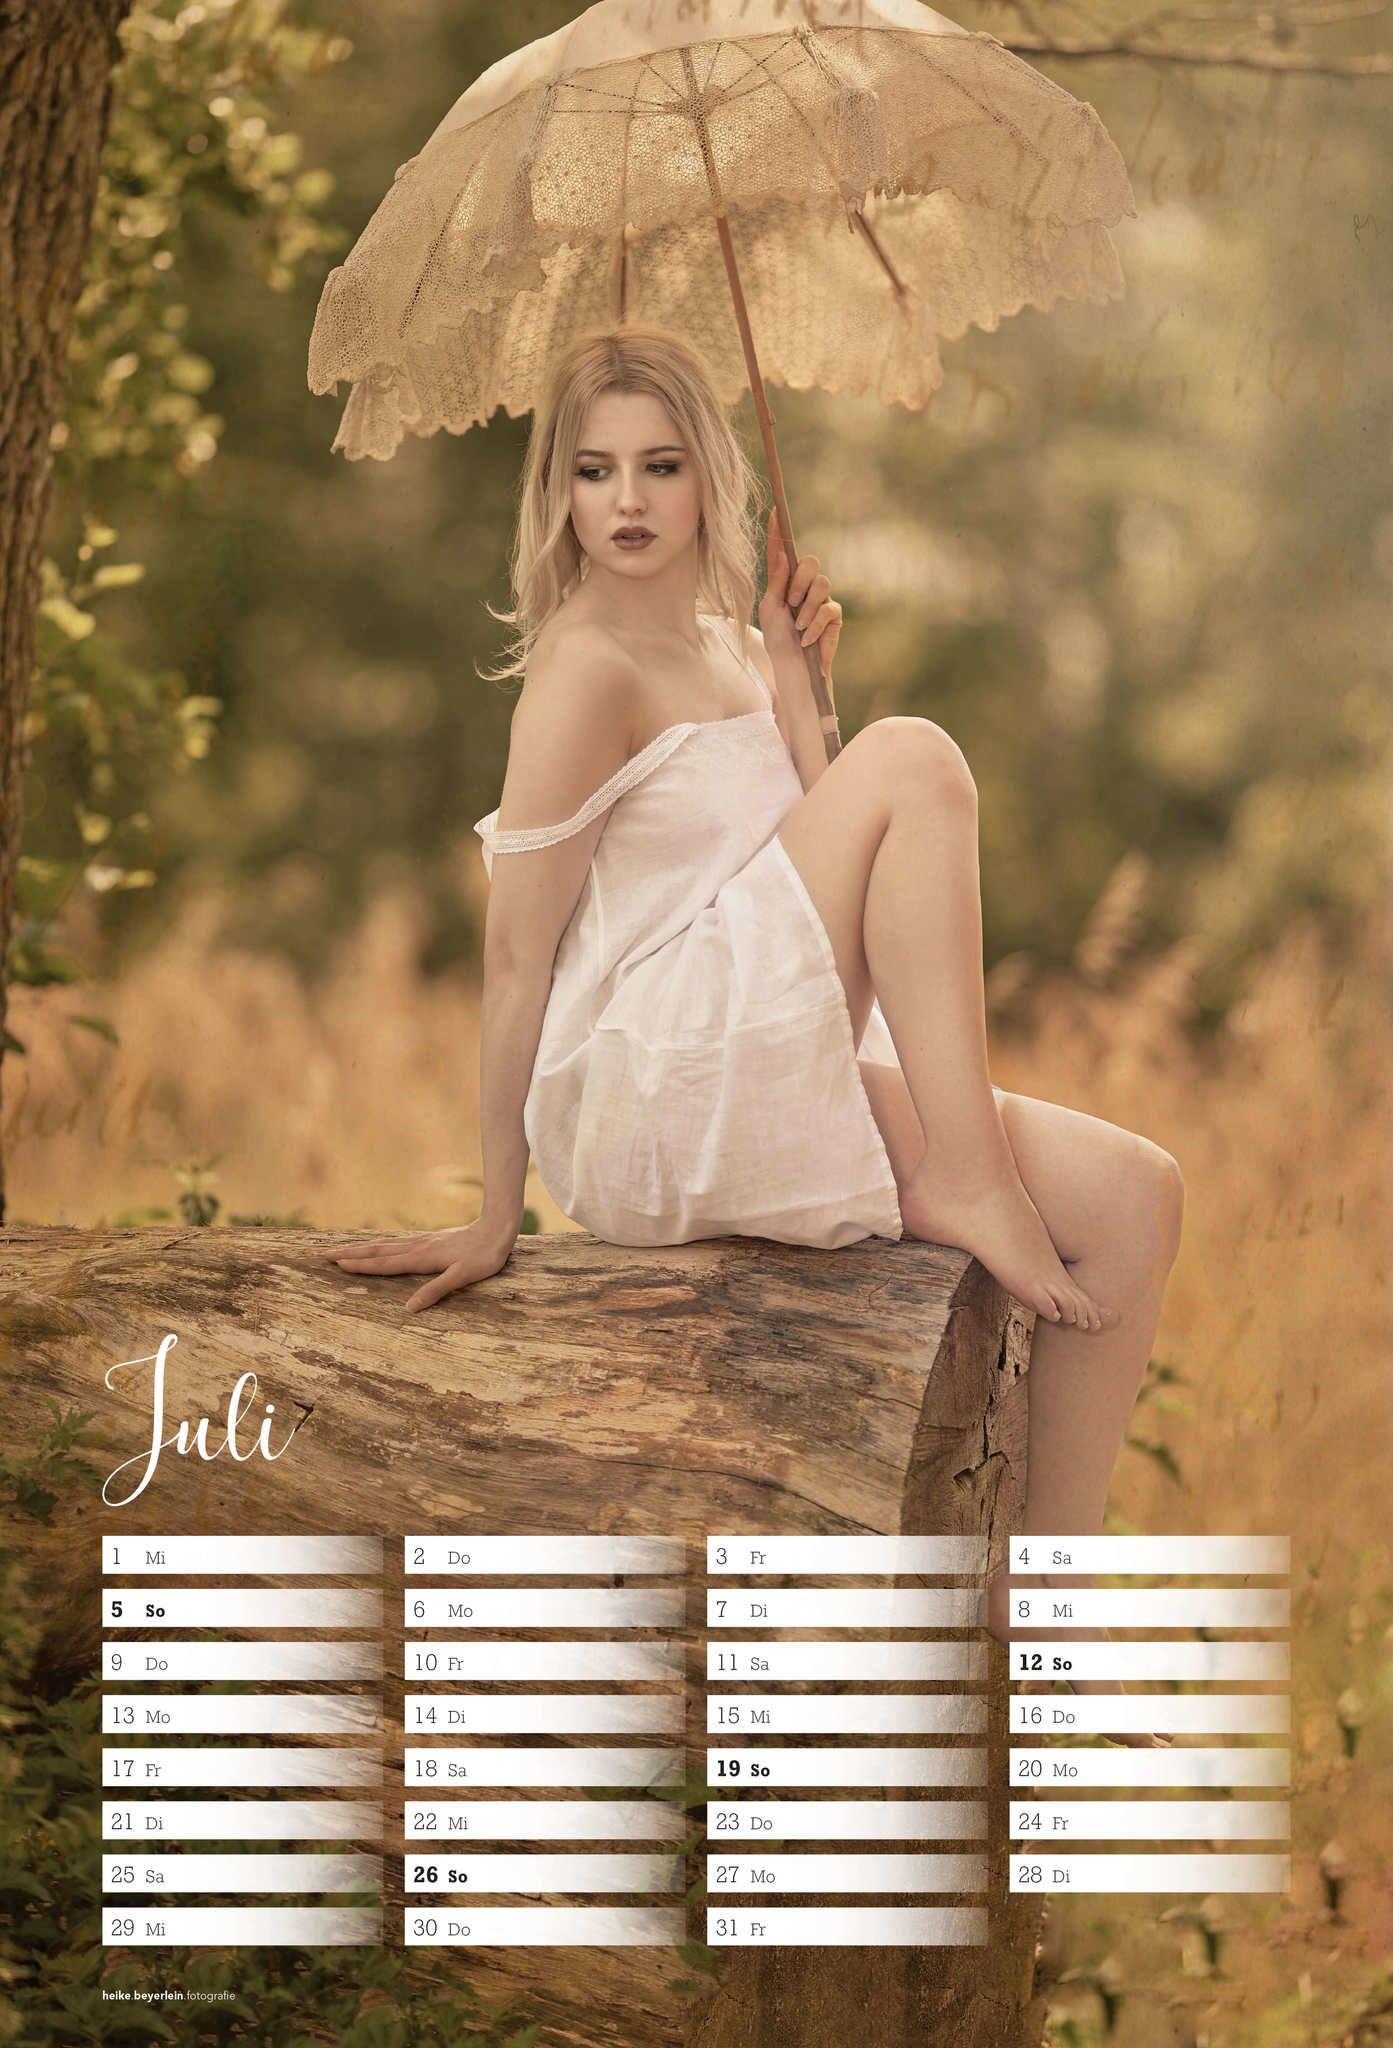 Knoblauchsland Kalender